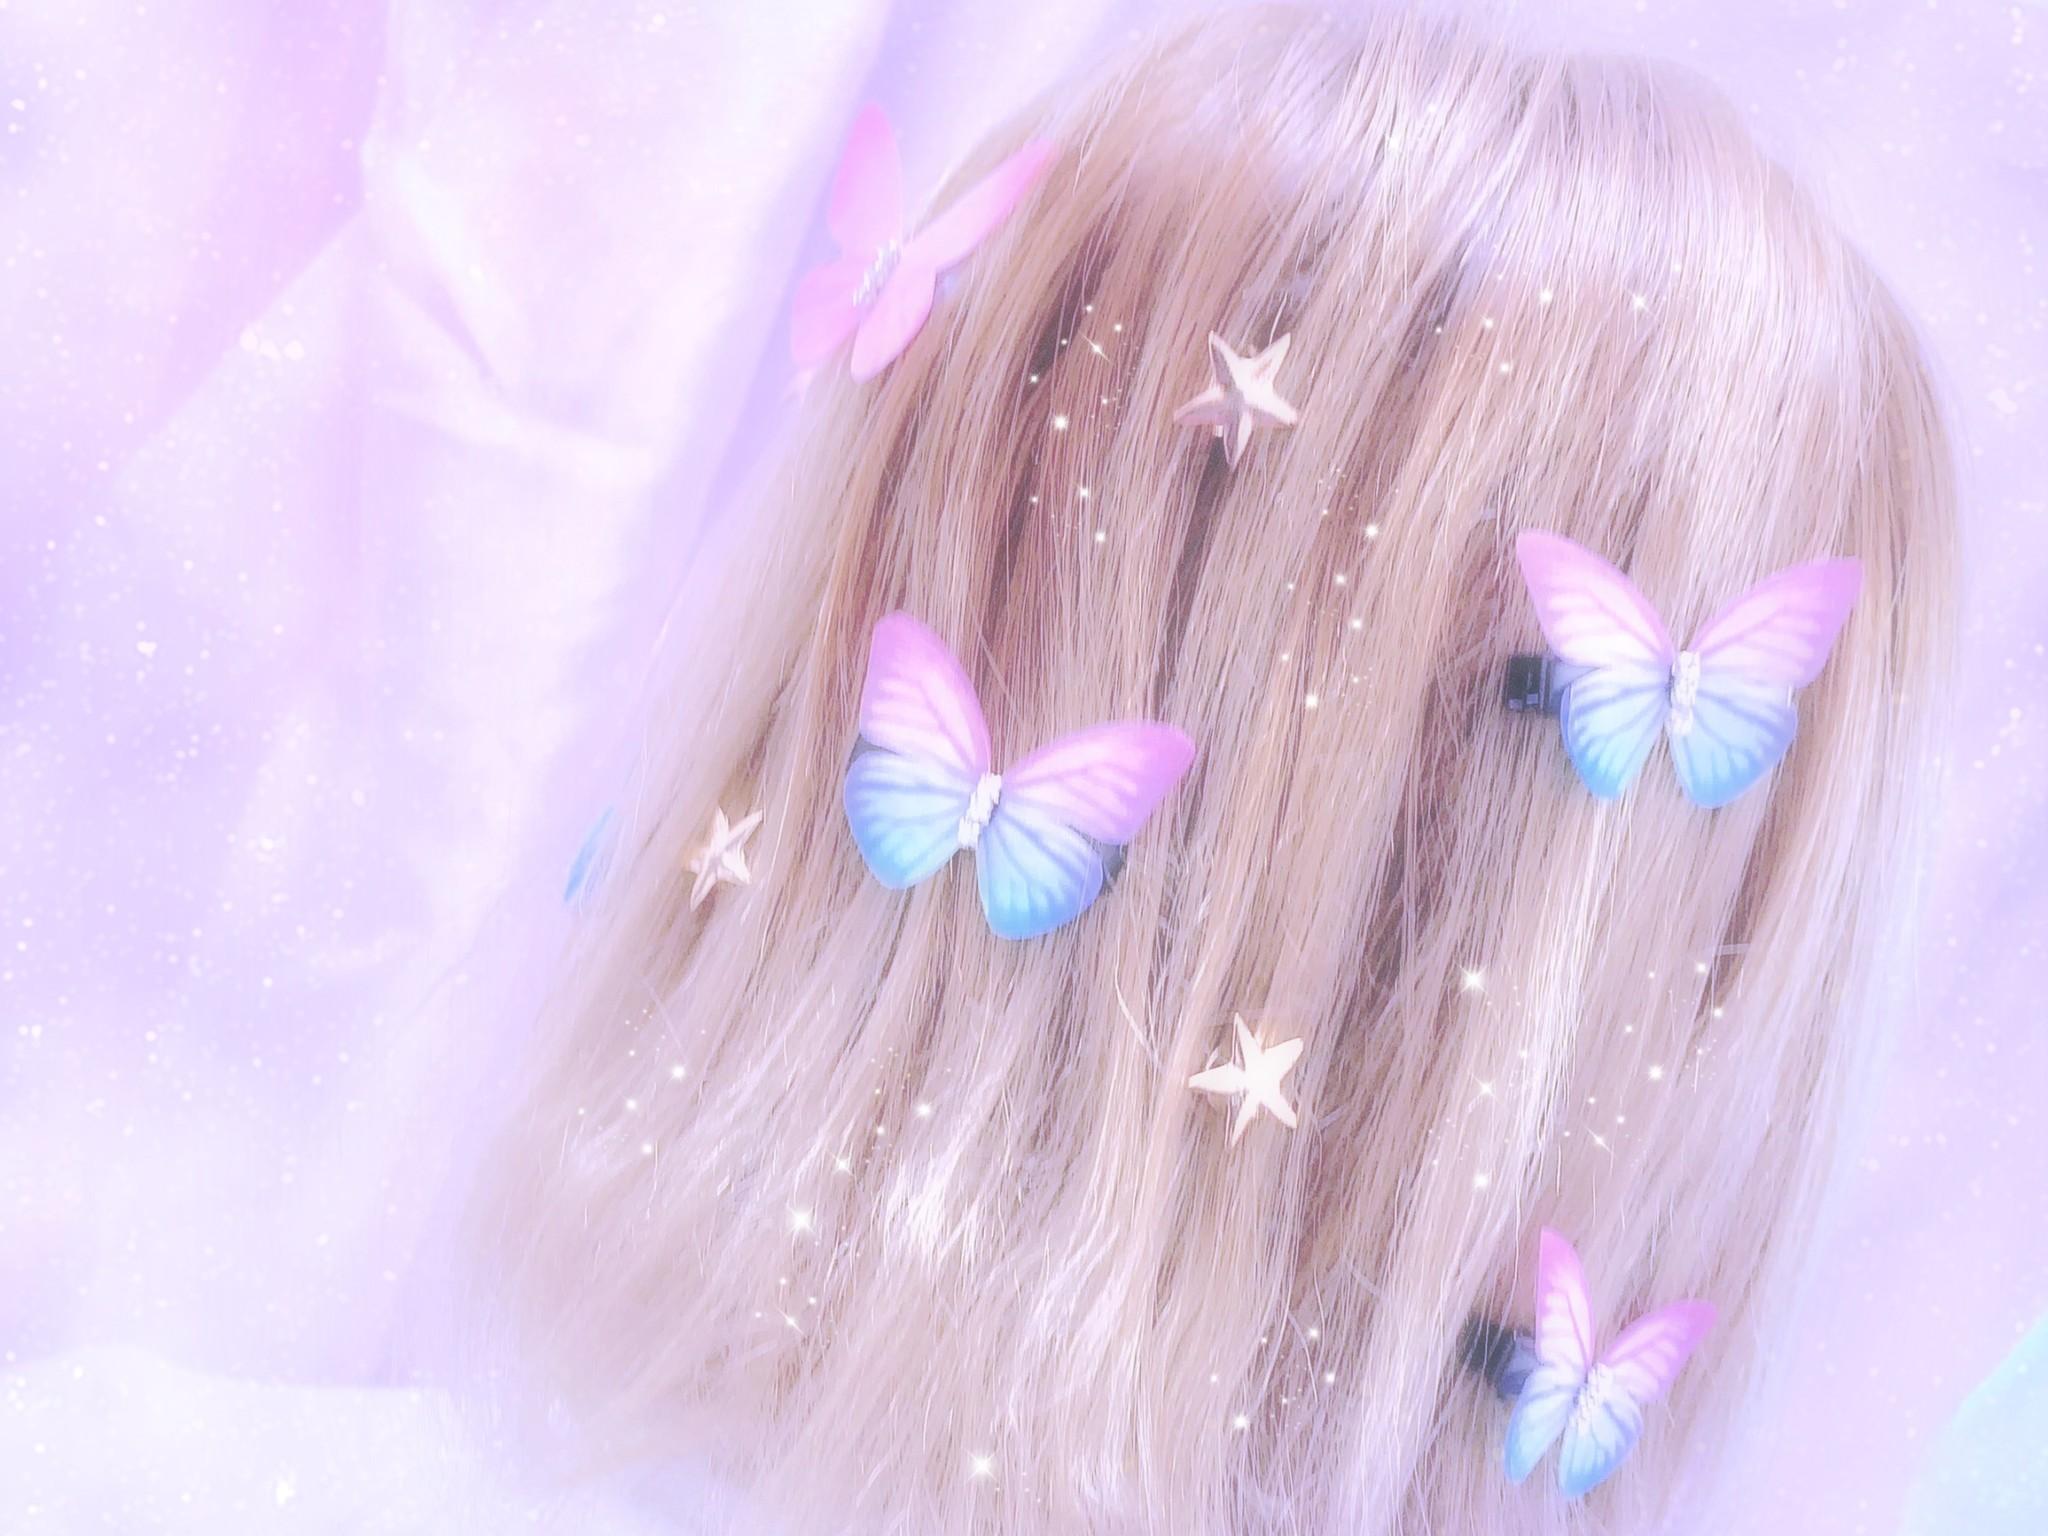 ゆめかわいい髪型(ゆめかわヘア)の画像